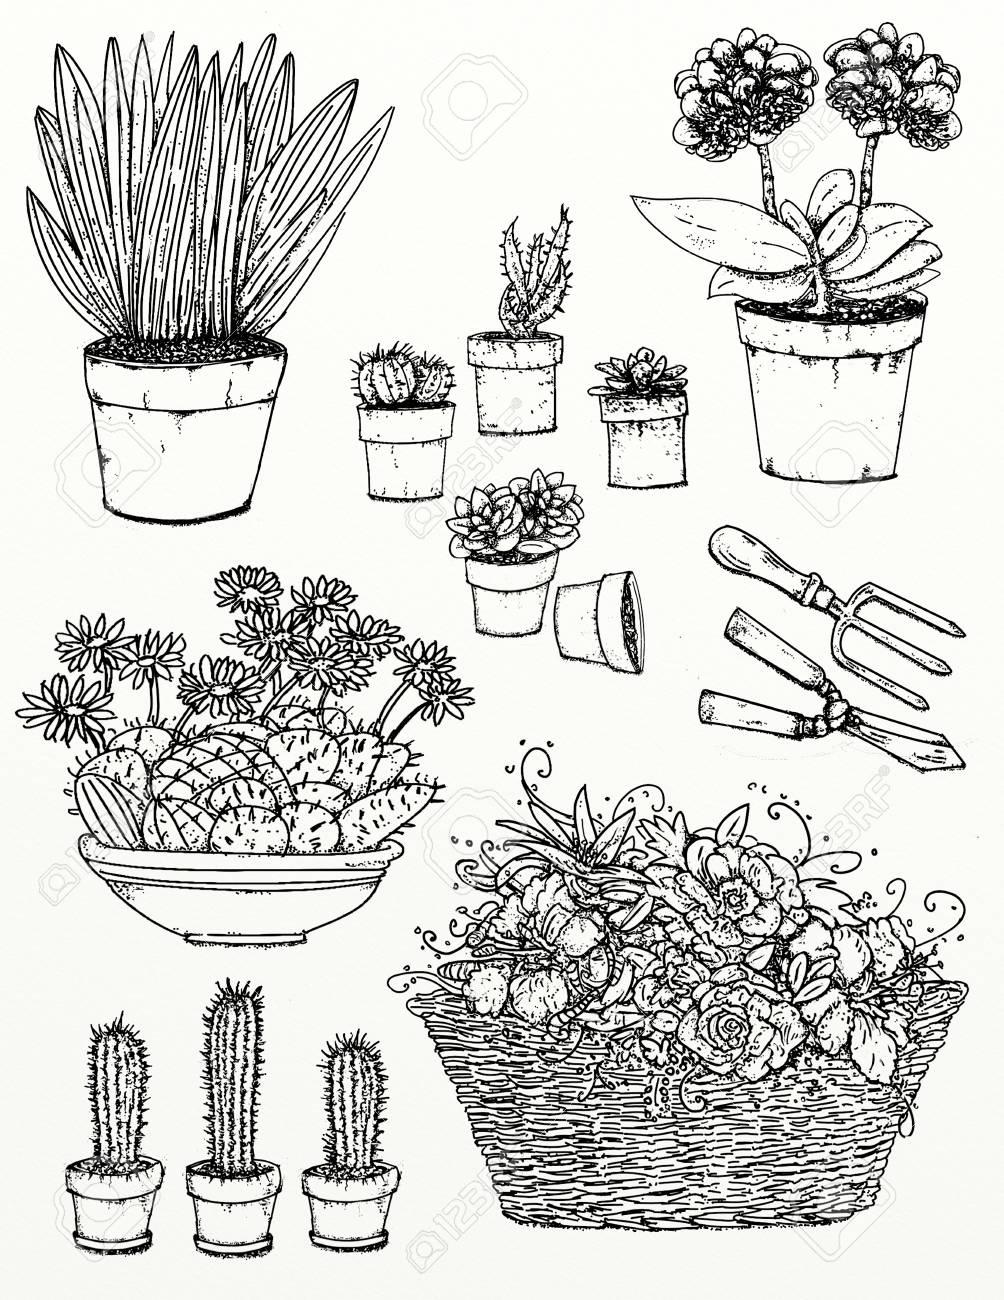 Dibujos Realistas De Plantas Y Jardines Flores De Jardin Plantas